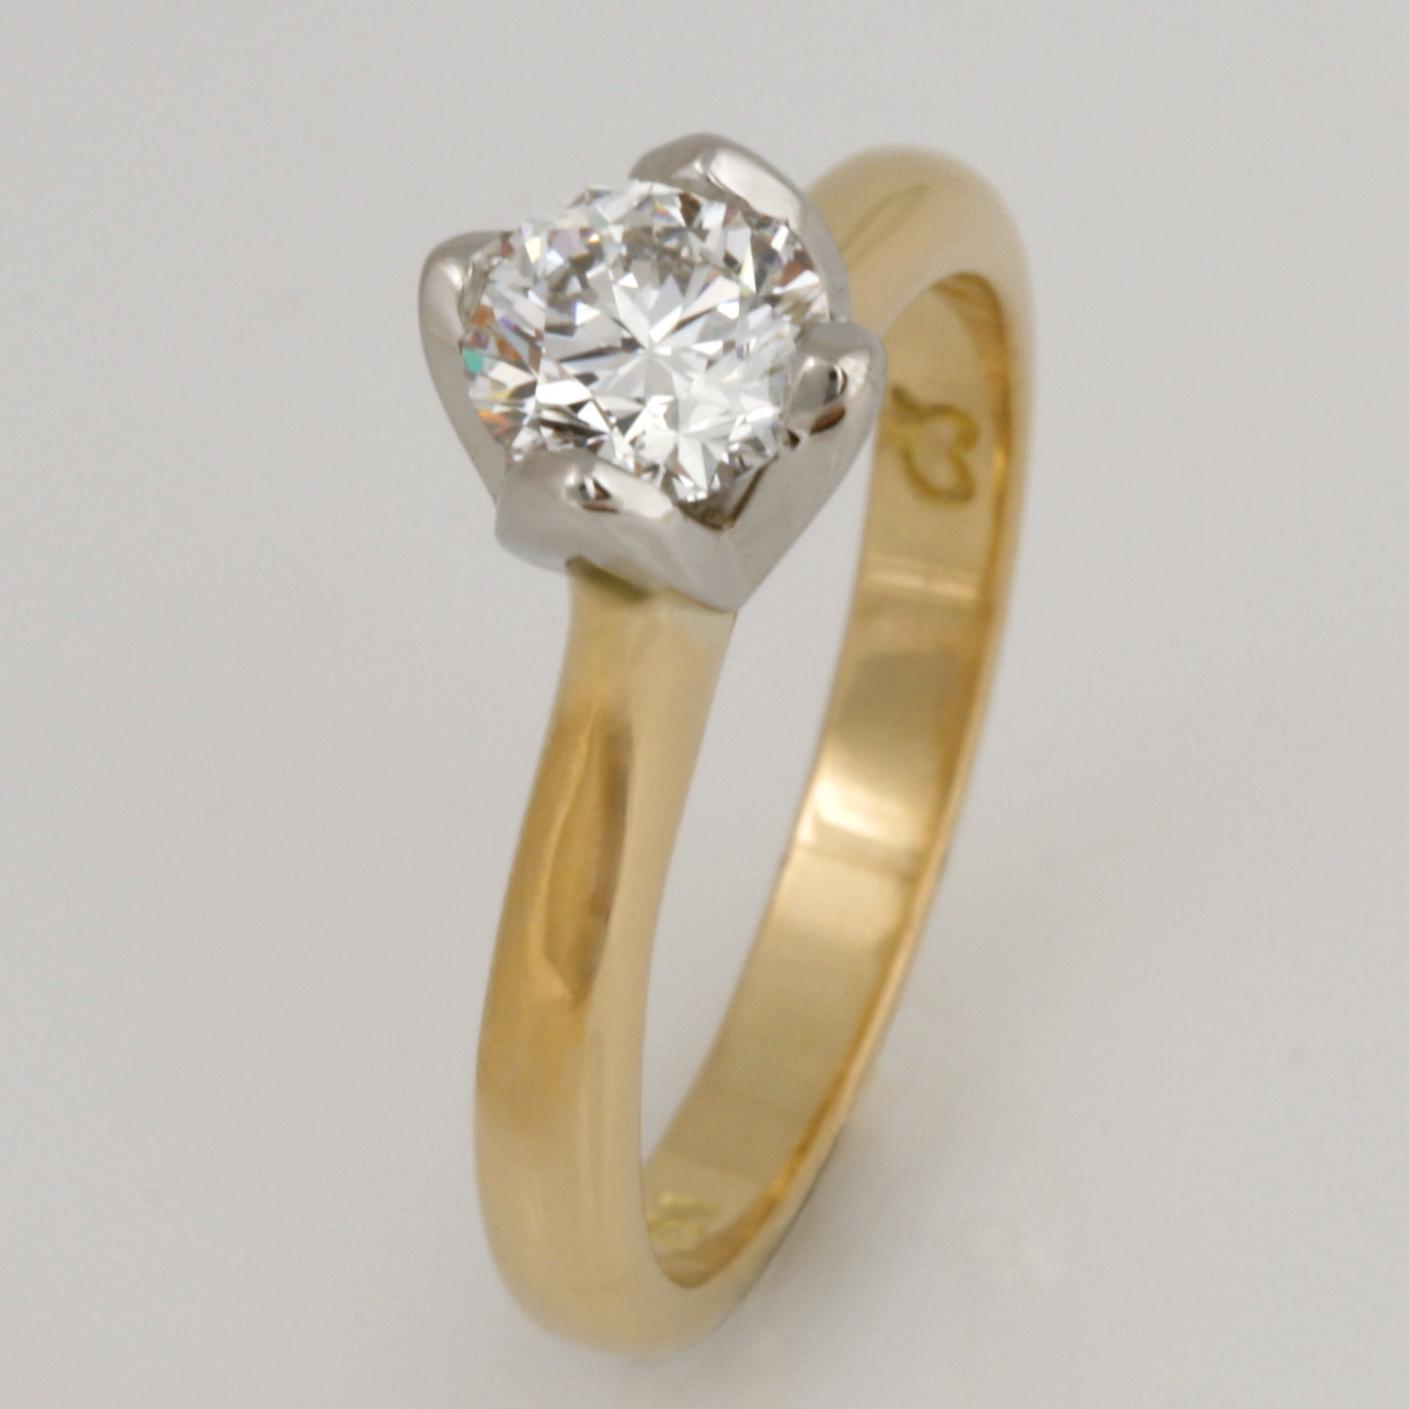 Ladies handmade 18ct yellow gold and platinum diamond engagement ring